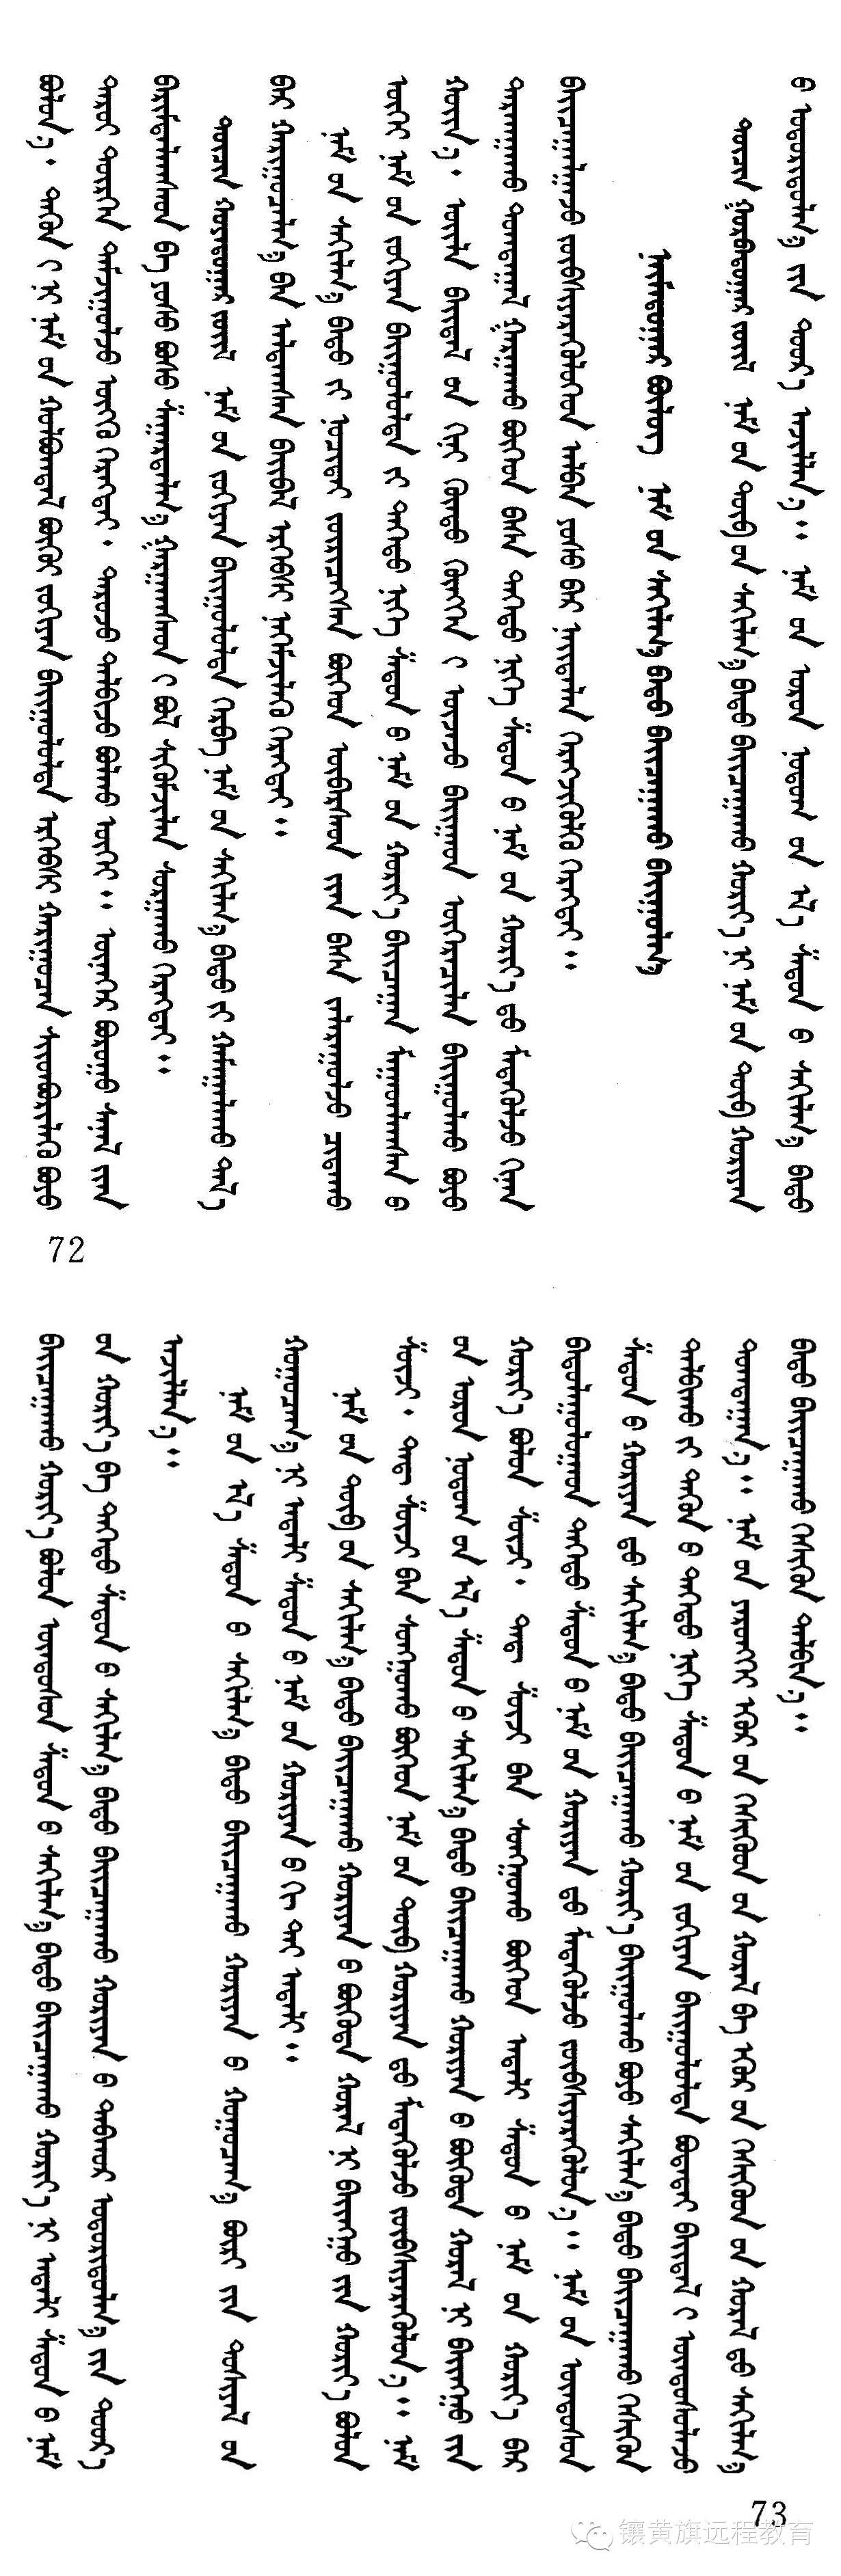 【两学一做材料】蒙文版《党章》 第22张 【两学一做材料】蒙文版《党章》 蒙古文库